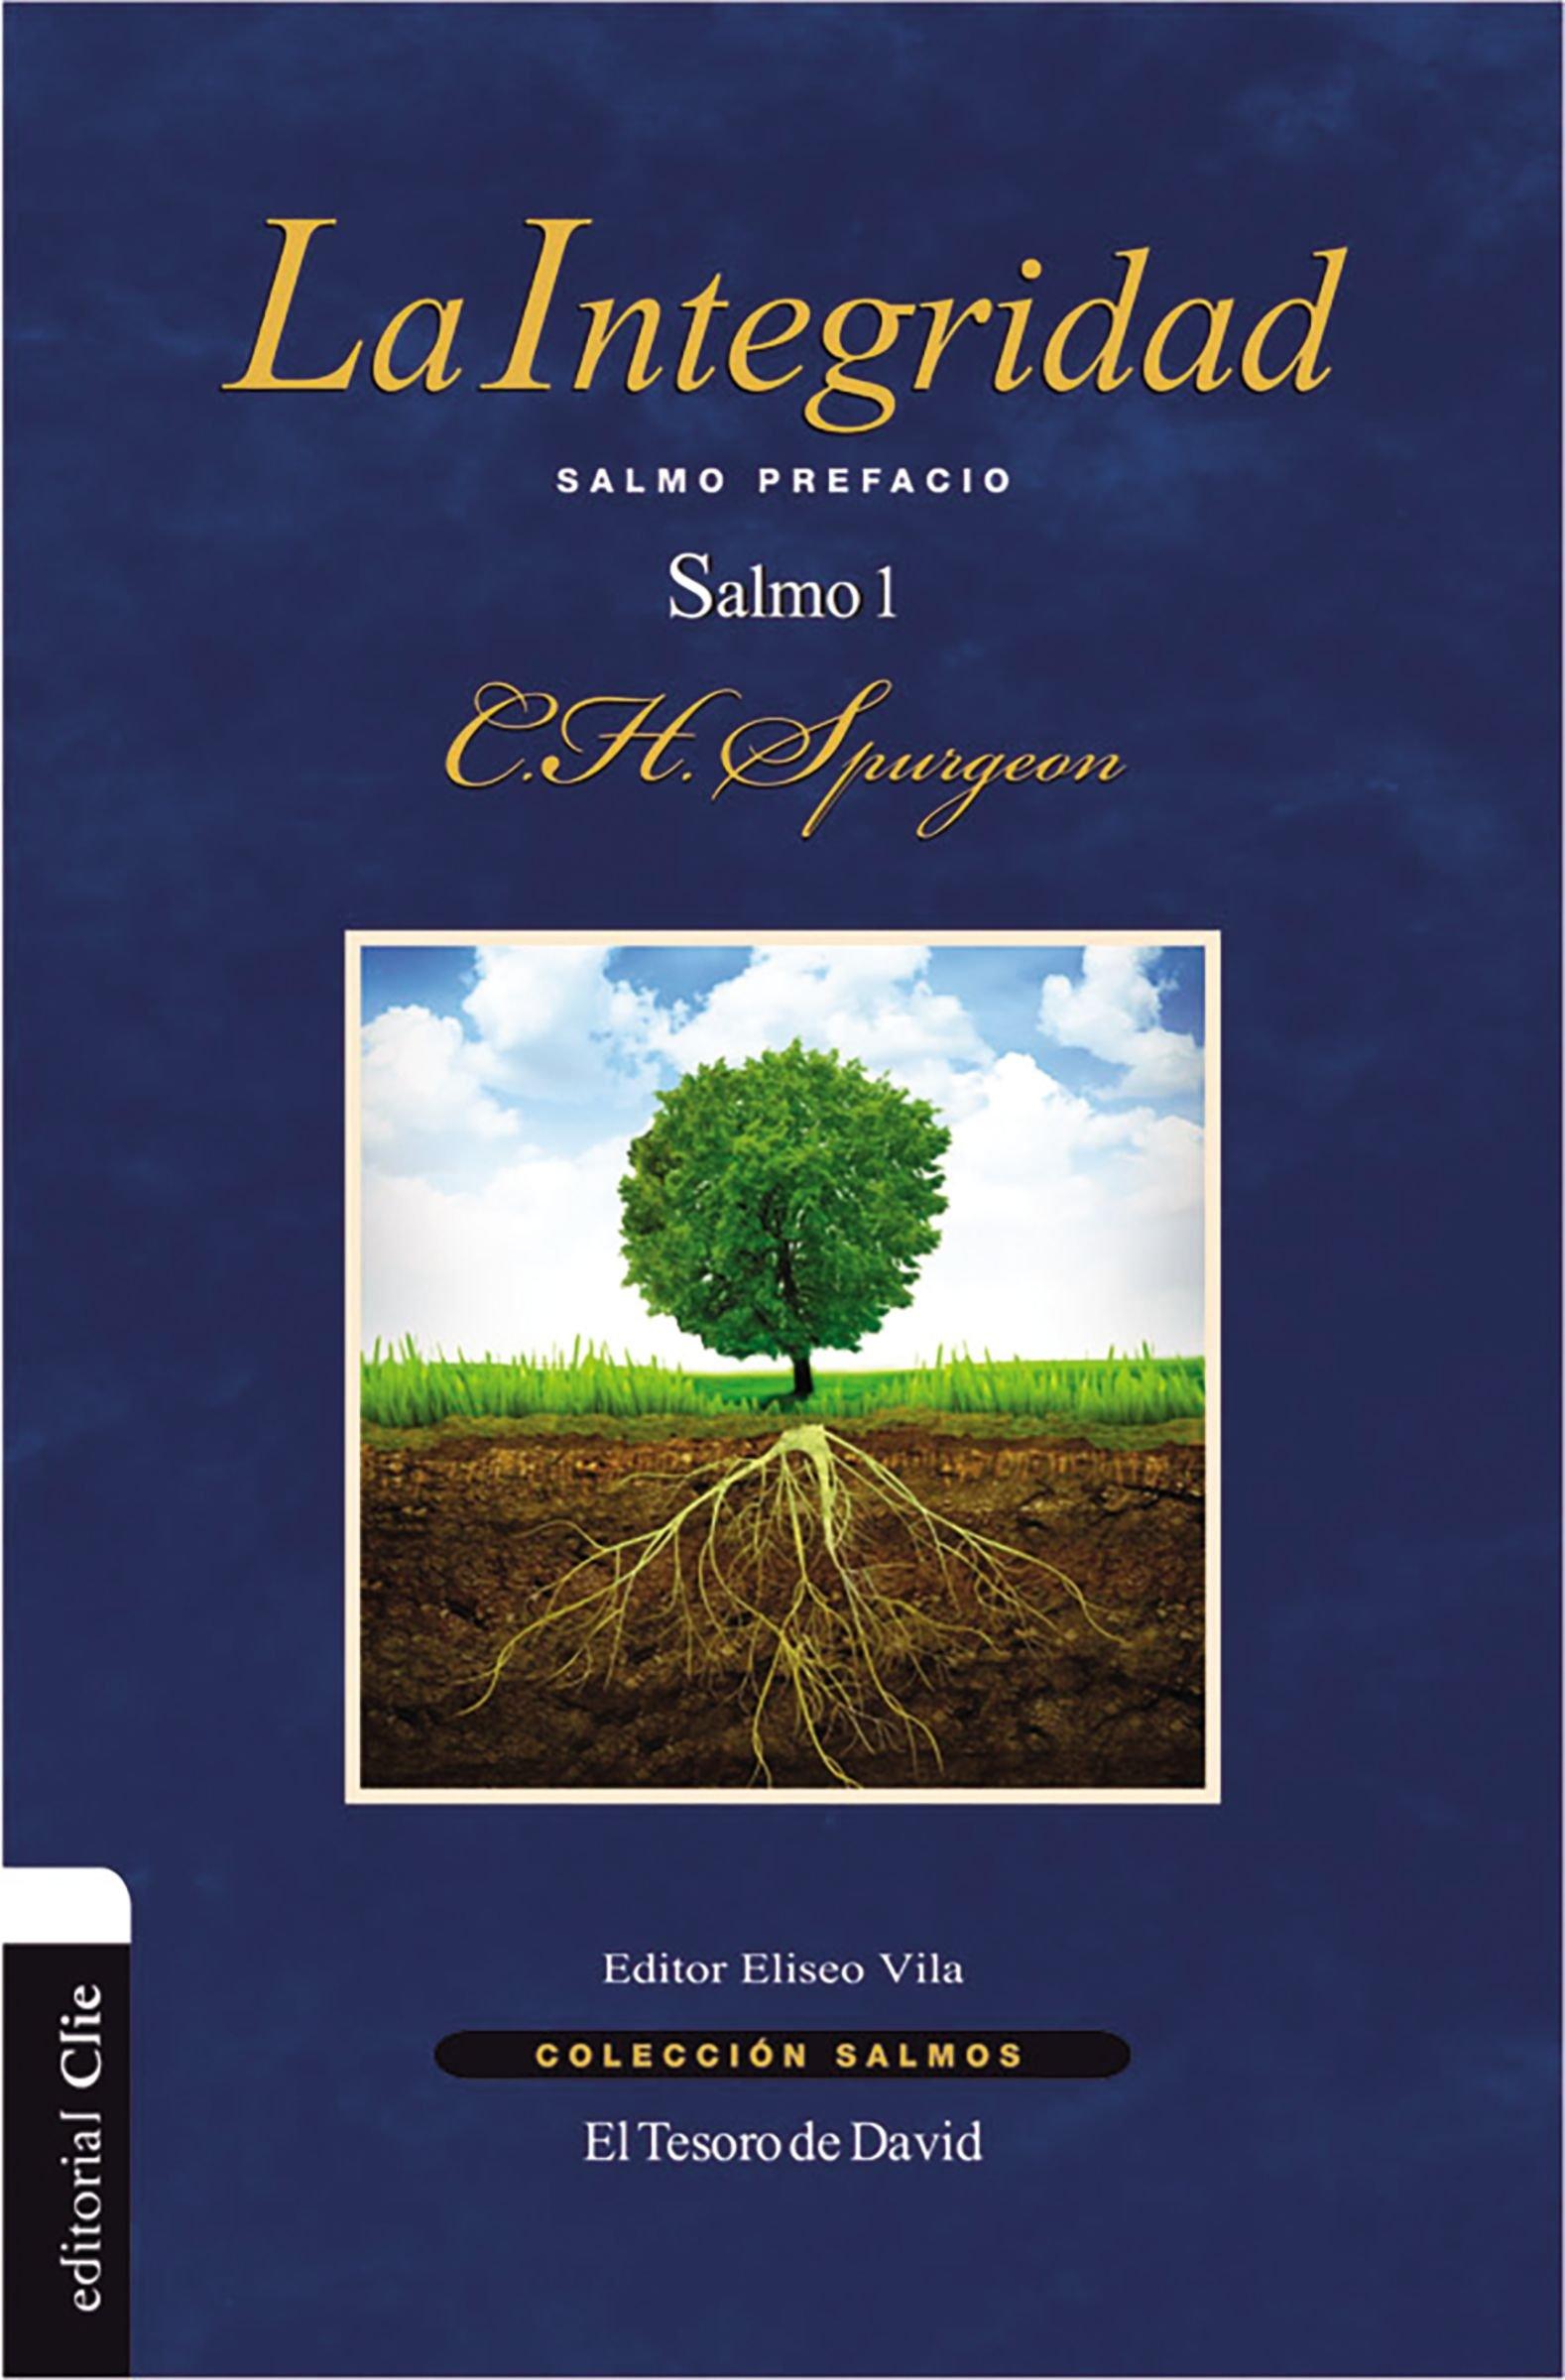 La Integridad: Salmo Prefacio. Salmo 1 (Colección Salmos) (Spanish Edition): Charles H. Spurgeon: 9788416845668: Amazon.com: Books